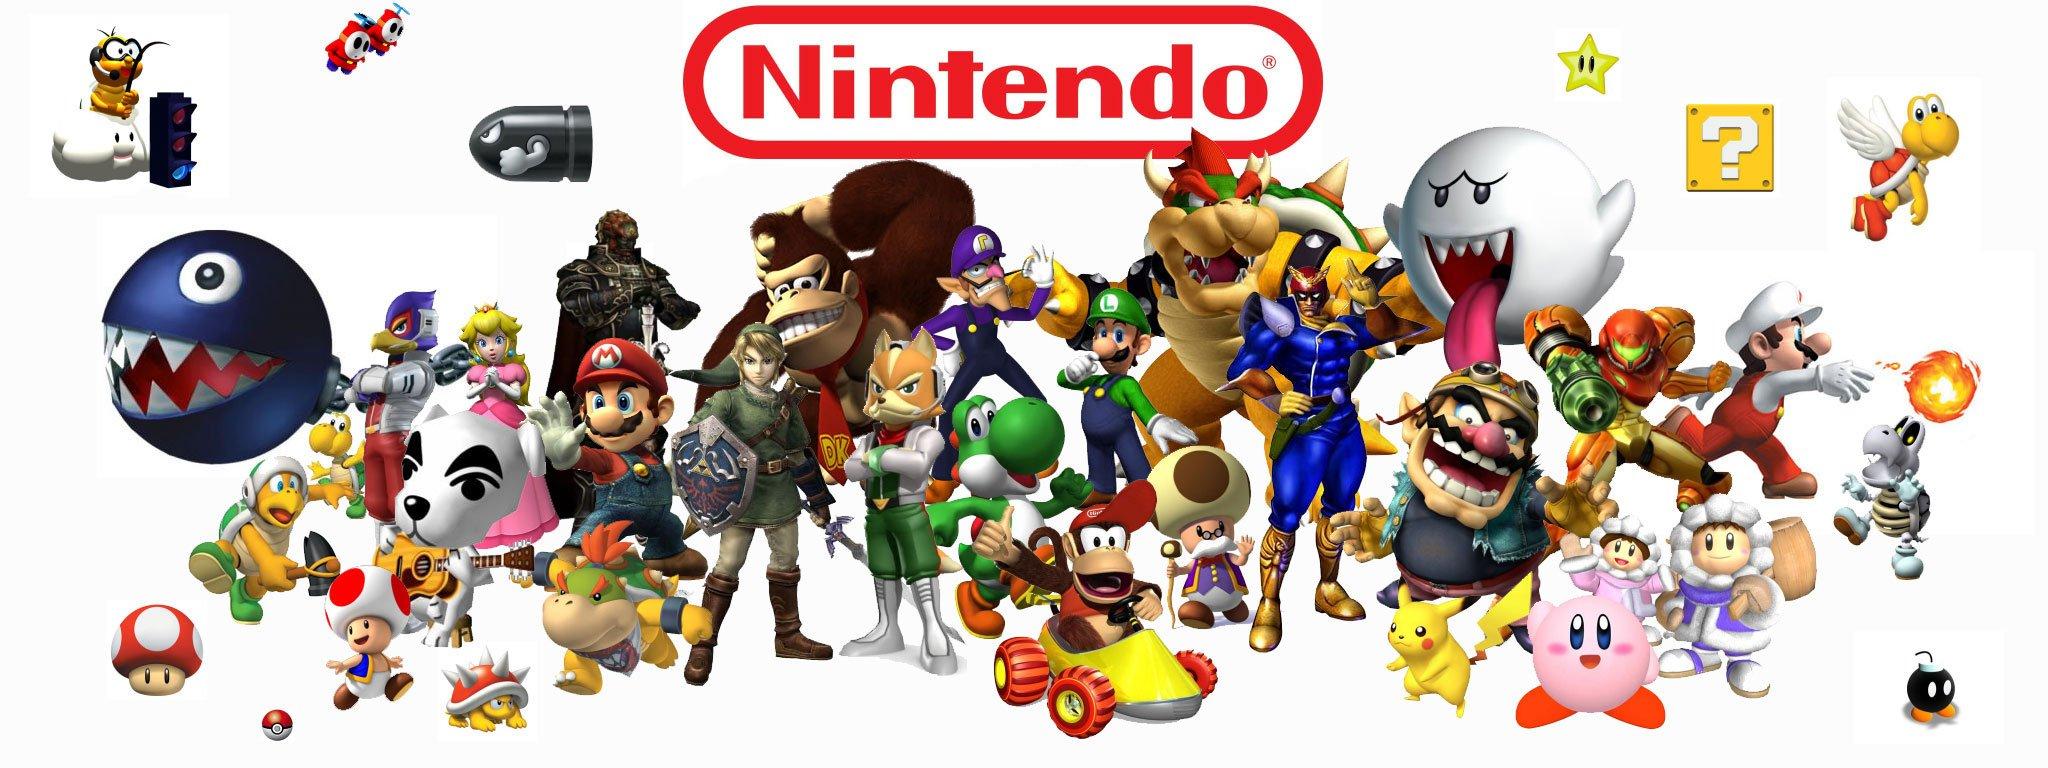 Ненависть к Nintendo.  Привет, Канобу!  Сегодня был очередной Nintendo Direct, и поэтому поводу решил узнать у вас,  ... - Изображение 1